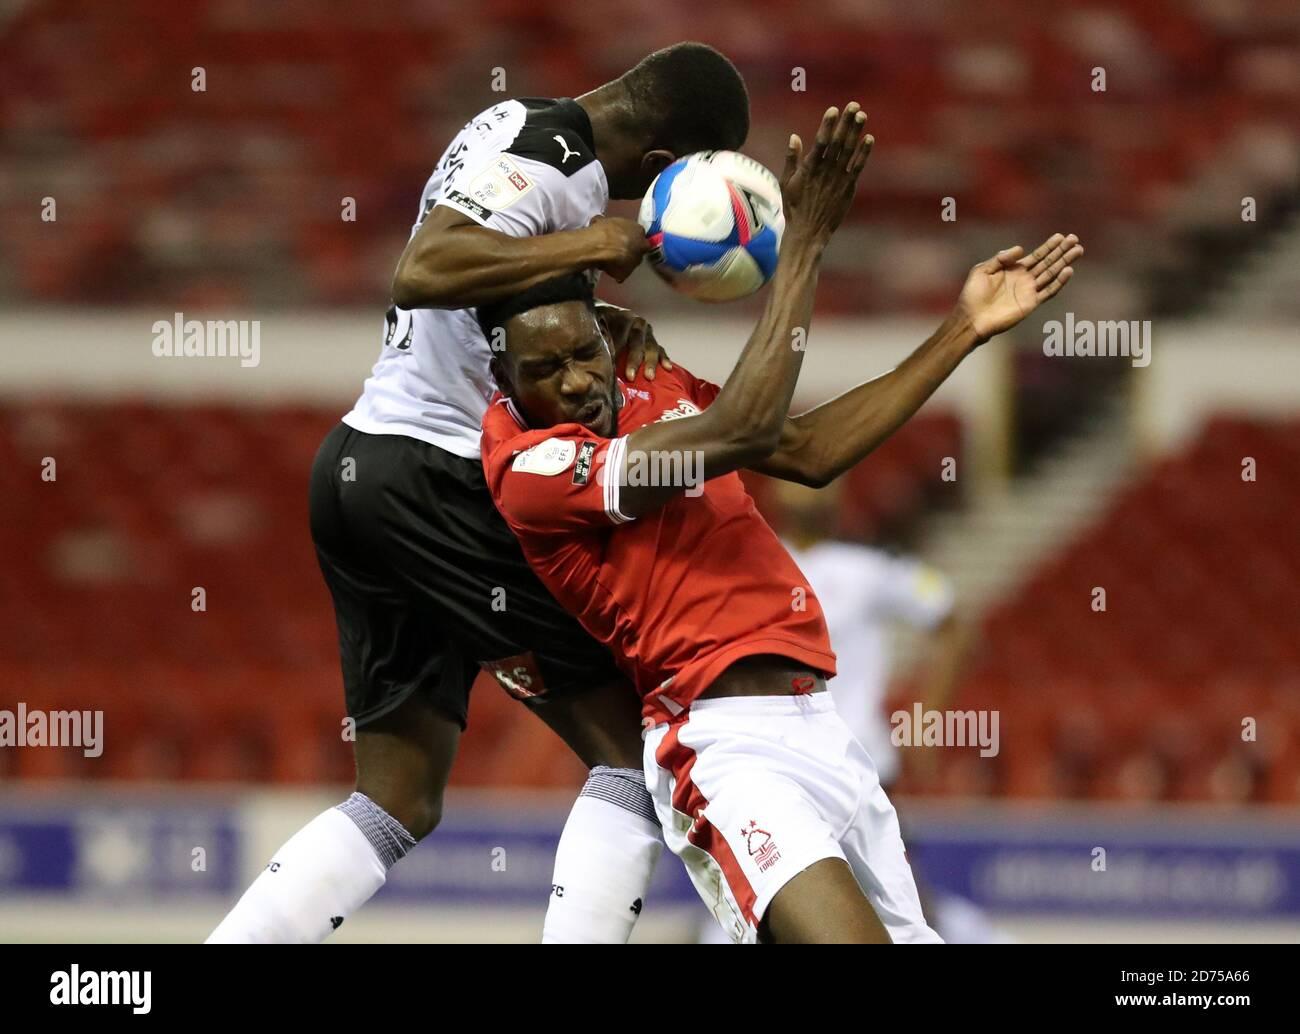 Sammy Ameobi de Notingham Forest et Wes Harding de Rotherham se battent pour le ballon lors du championnat Sky Bet au City Ground, Nottingham. Banque D'Images